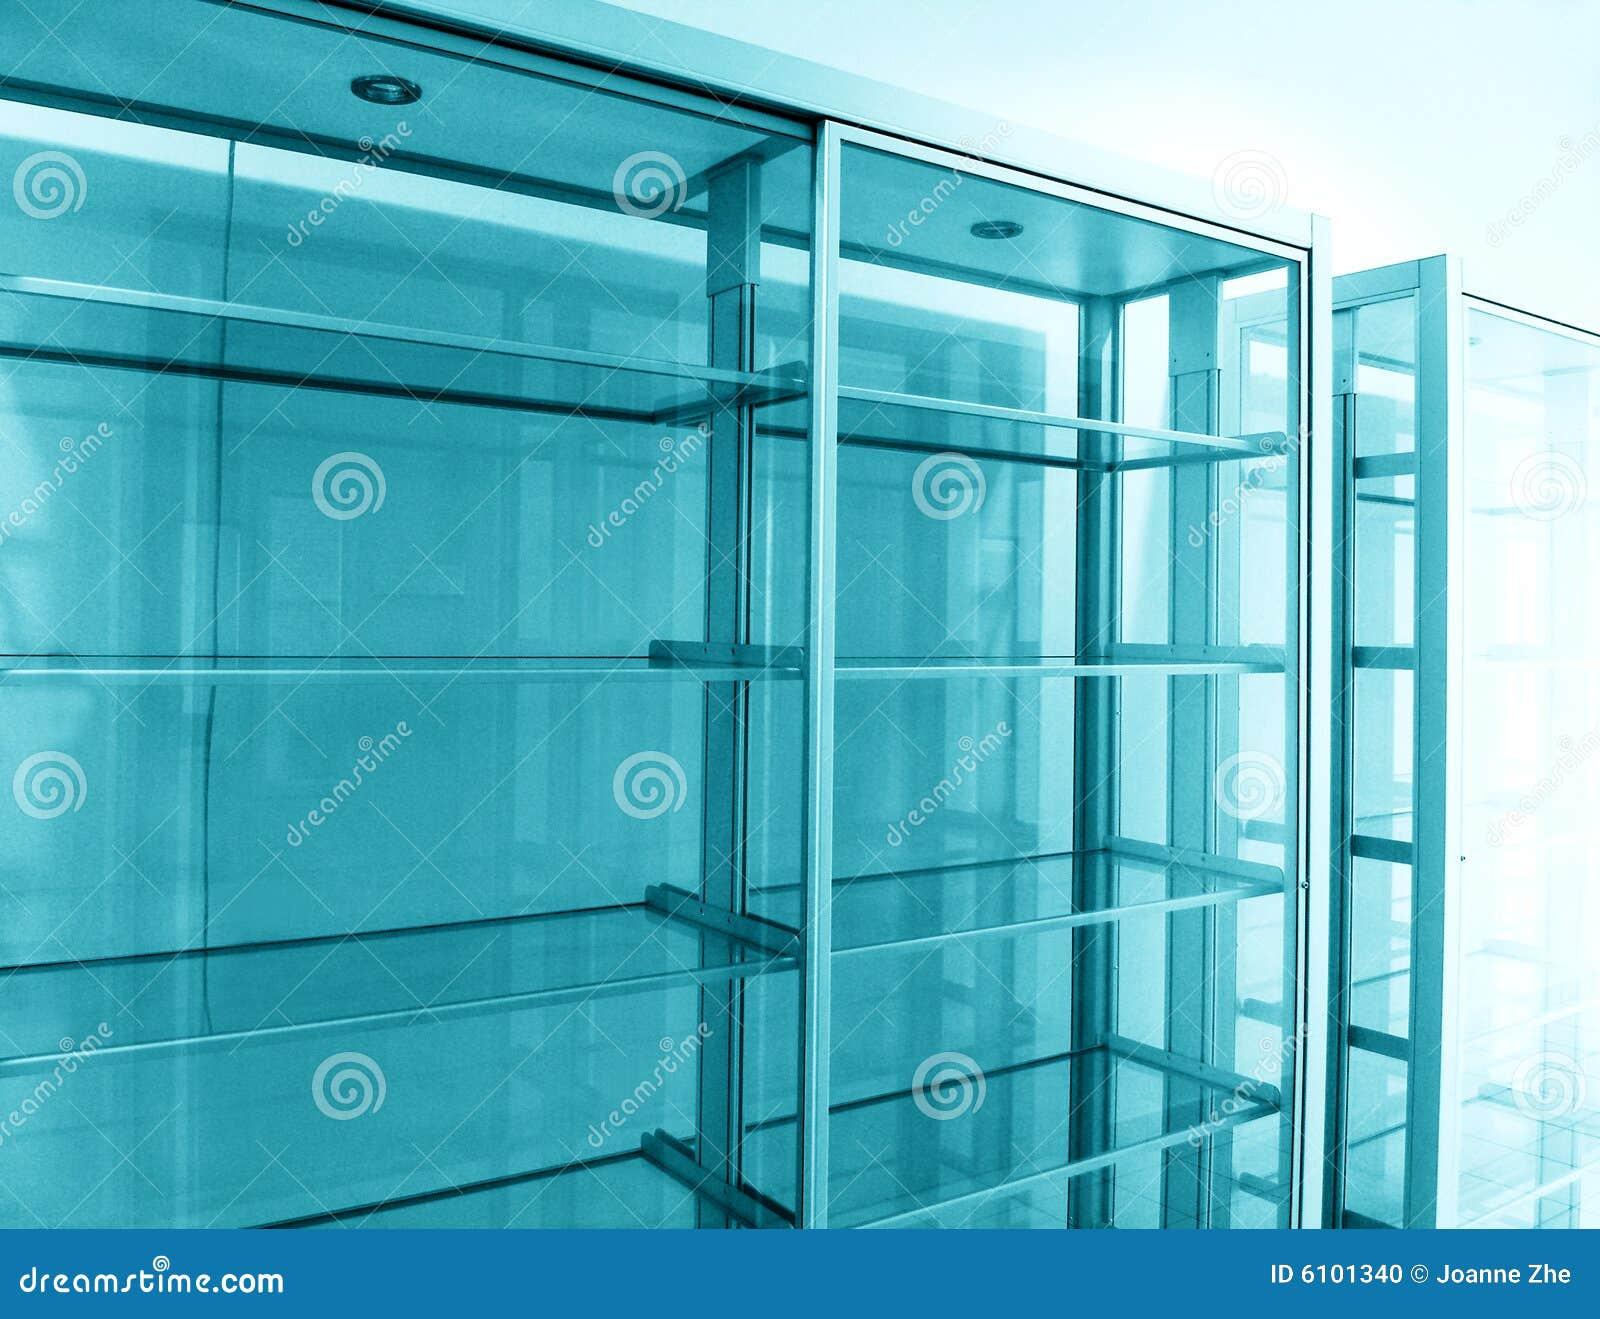 Mensole In Vetro Luminose.Mensole Di Vetro Vuote Fotografia Stock Immagine Di Strato 6101340